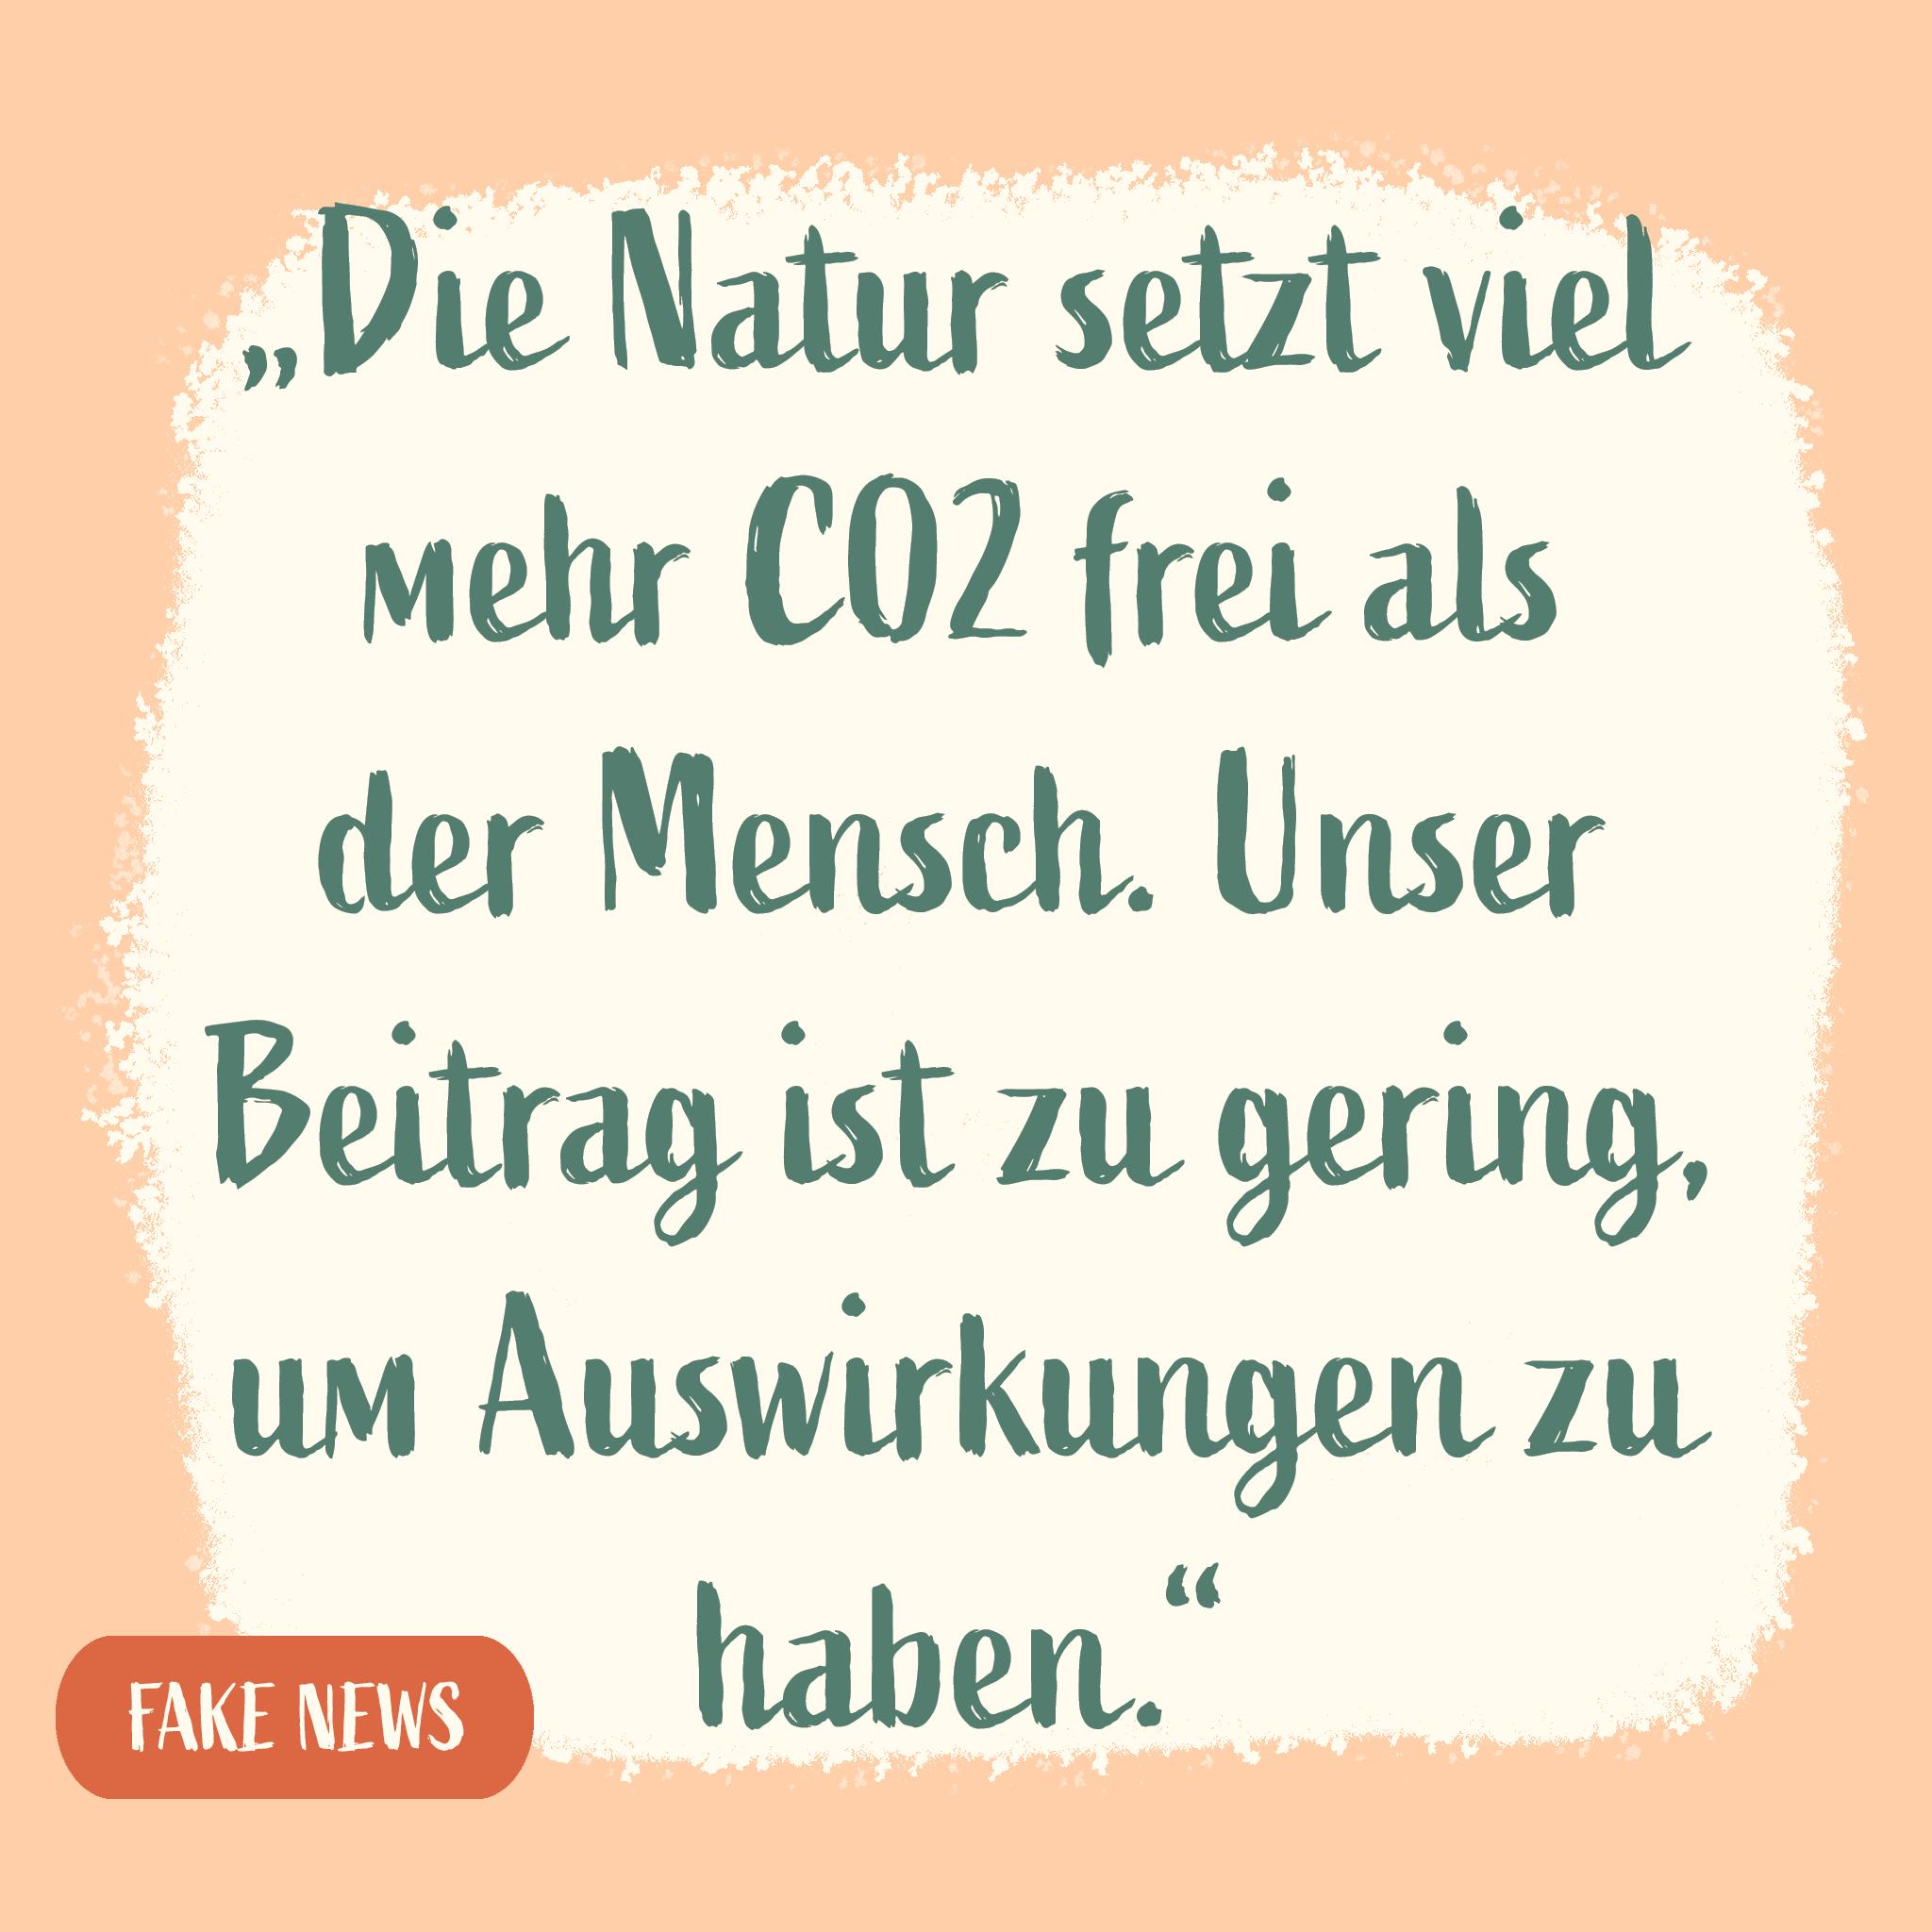 """""""Die Natur setzt viel mehr CO2 frei als  der Mensch. Unser  Beitrag ist zu gering, um Auswirkungen zu haben."""""""